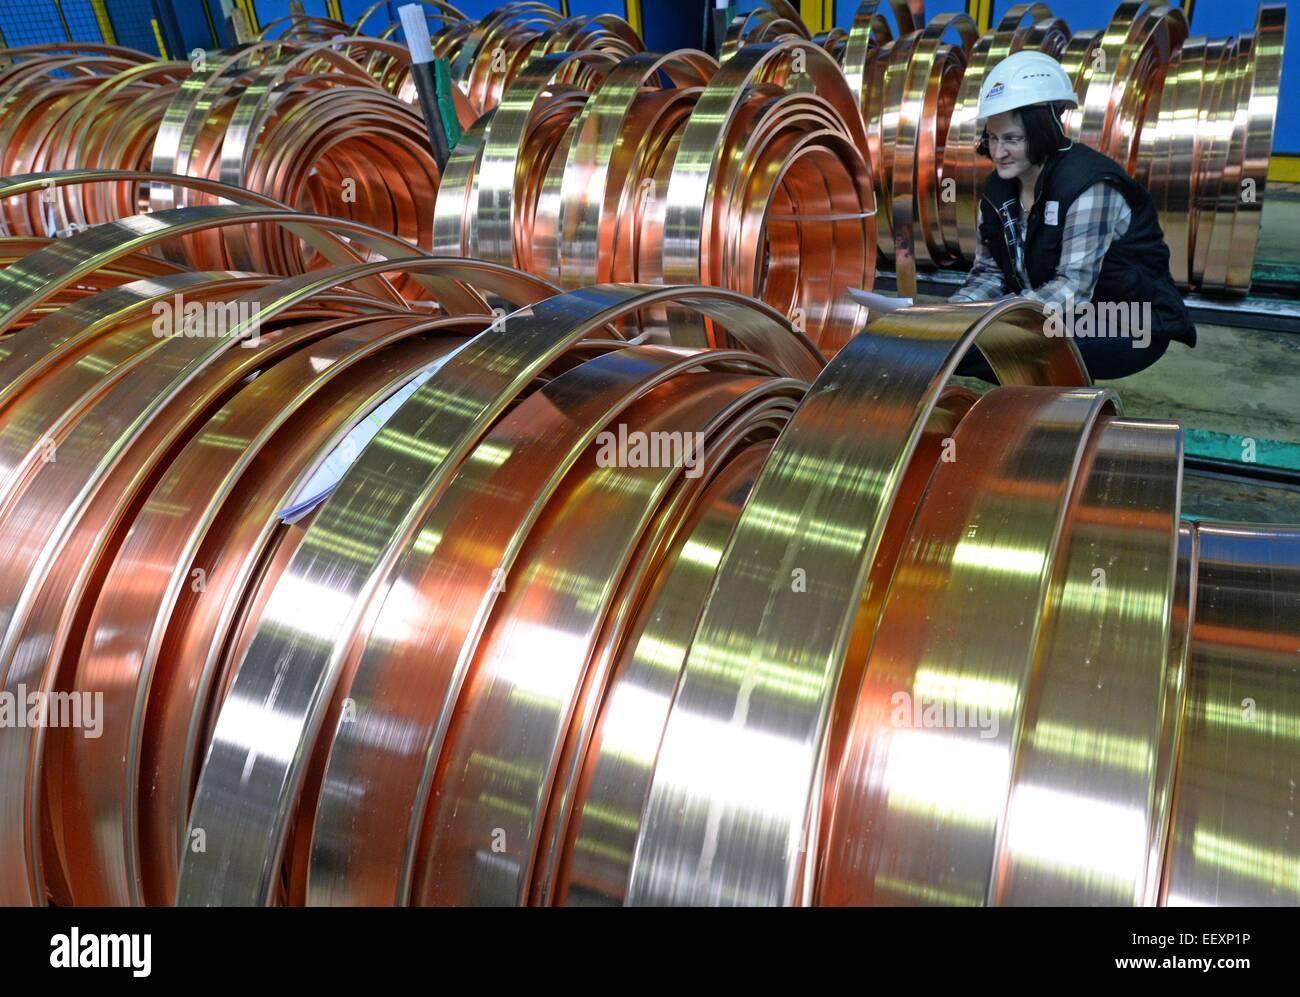 Wunderbar Kupferdraht Hersteller In Den Usa Fotos - Elektrische ...